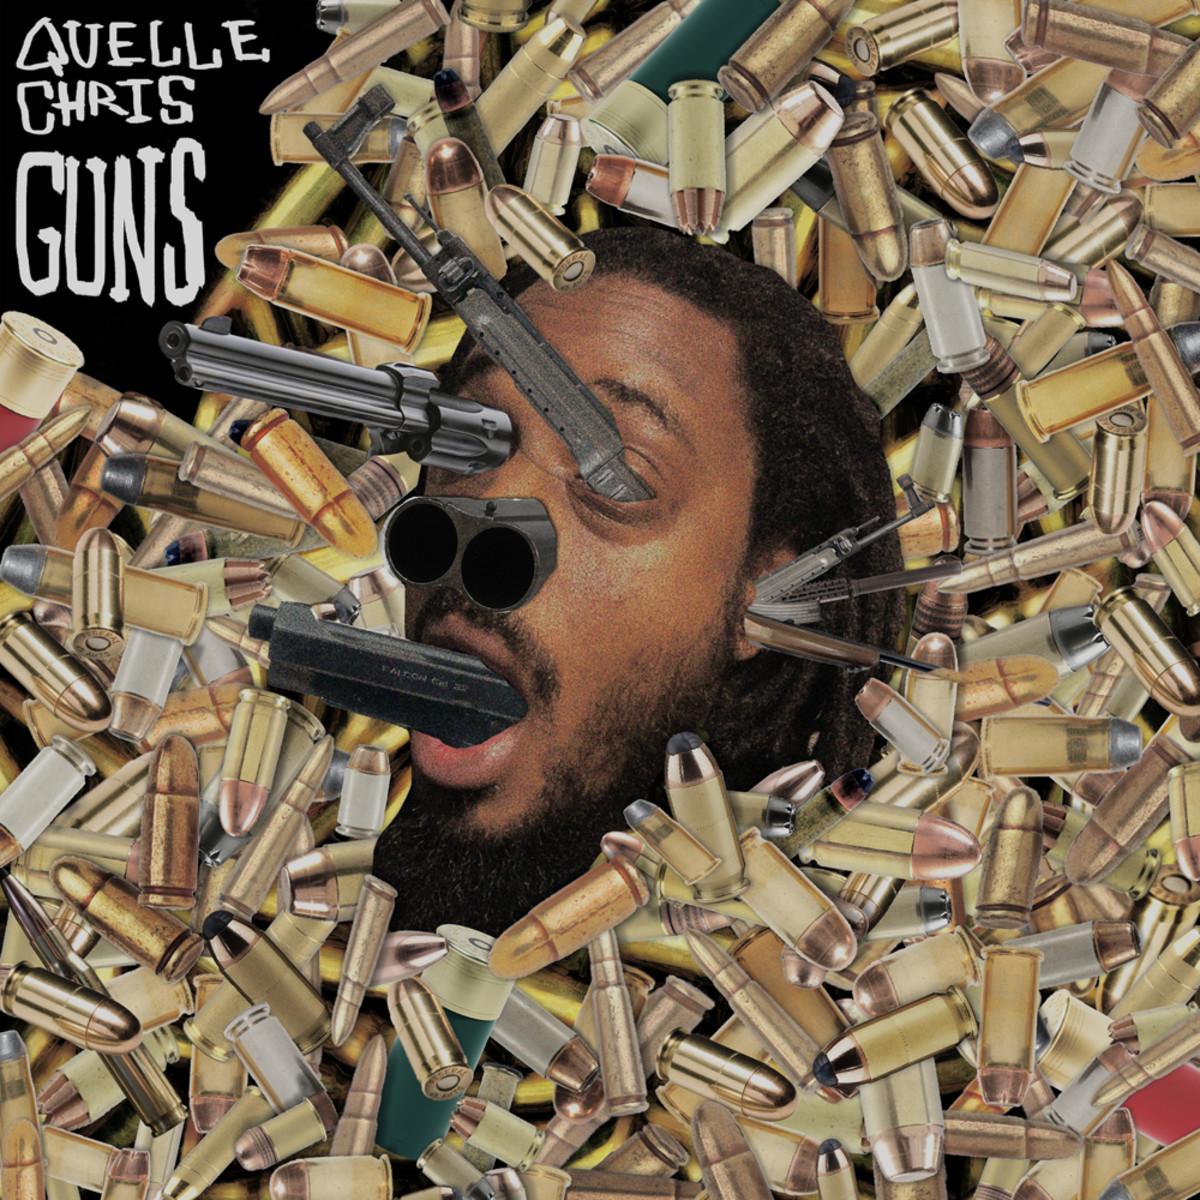 Quelle Chris 'Guns'